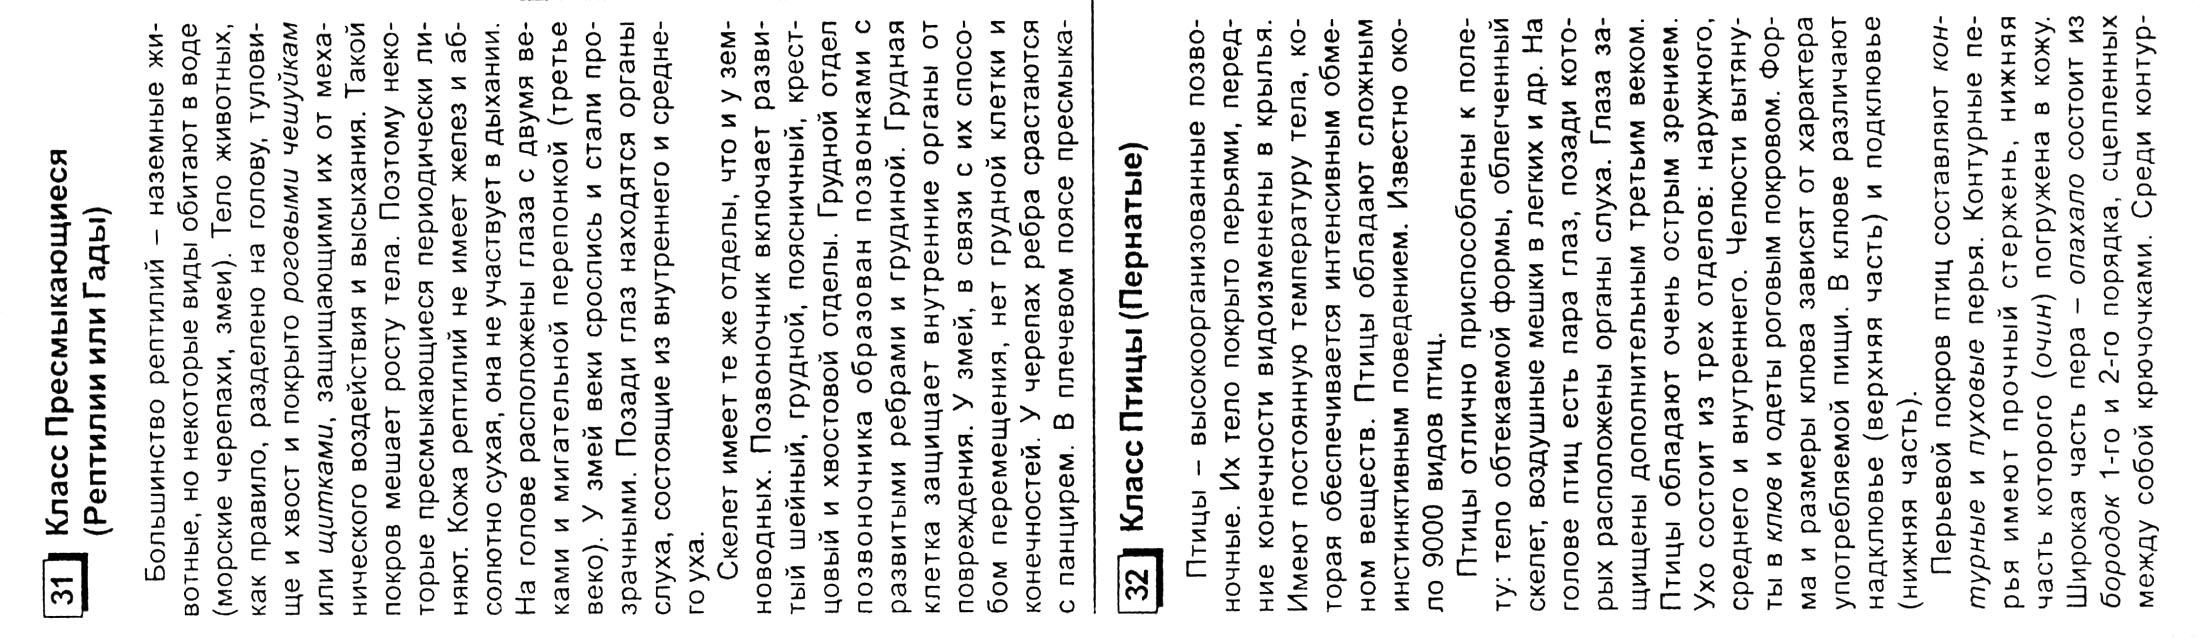 Биология панинен шпаргалка